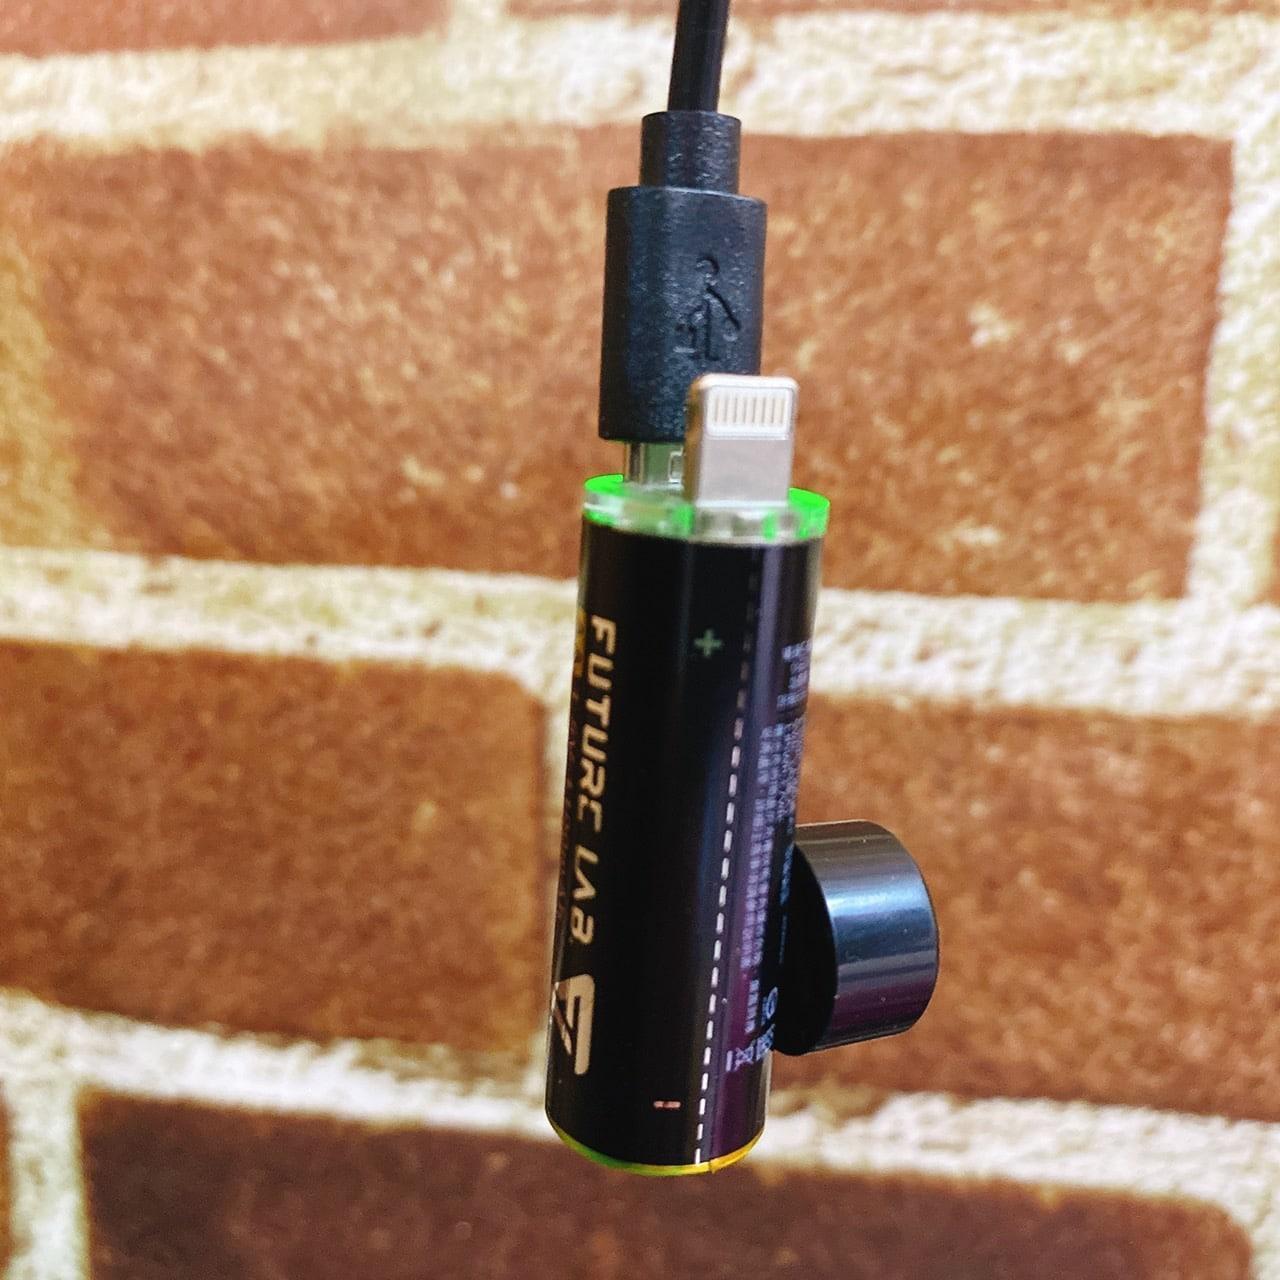 Ra源電池-行動電源是磁吸式帽蓋